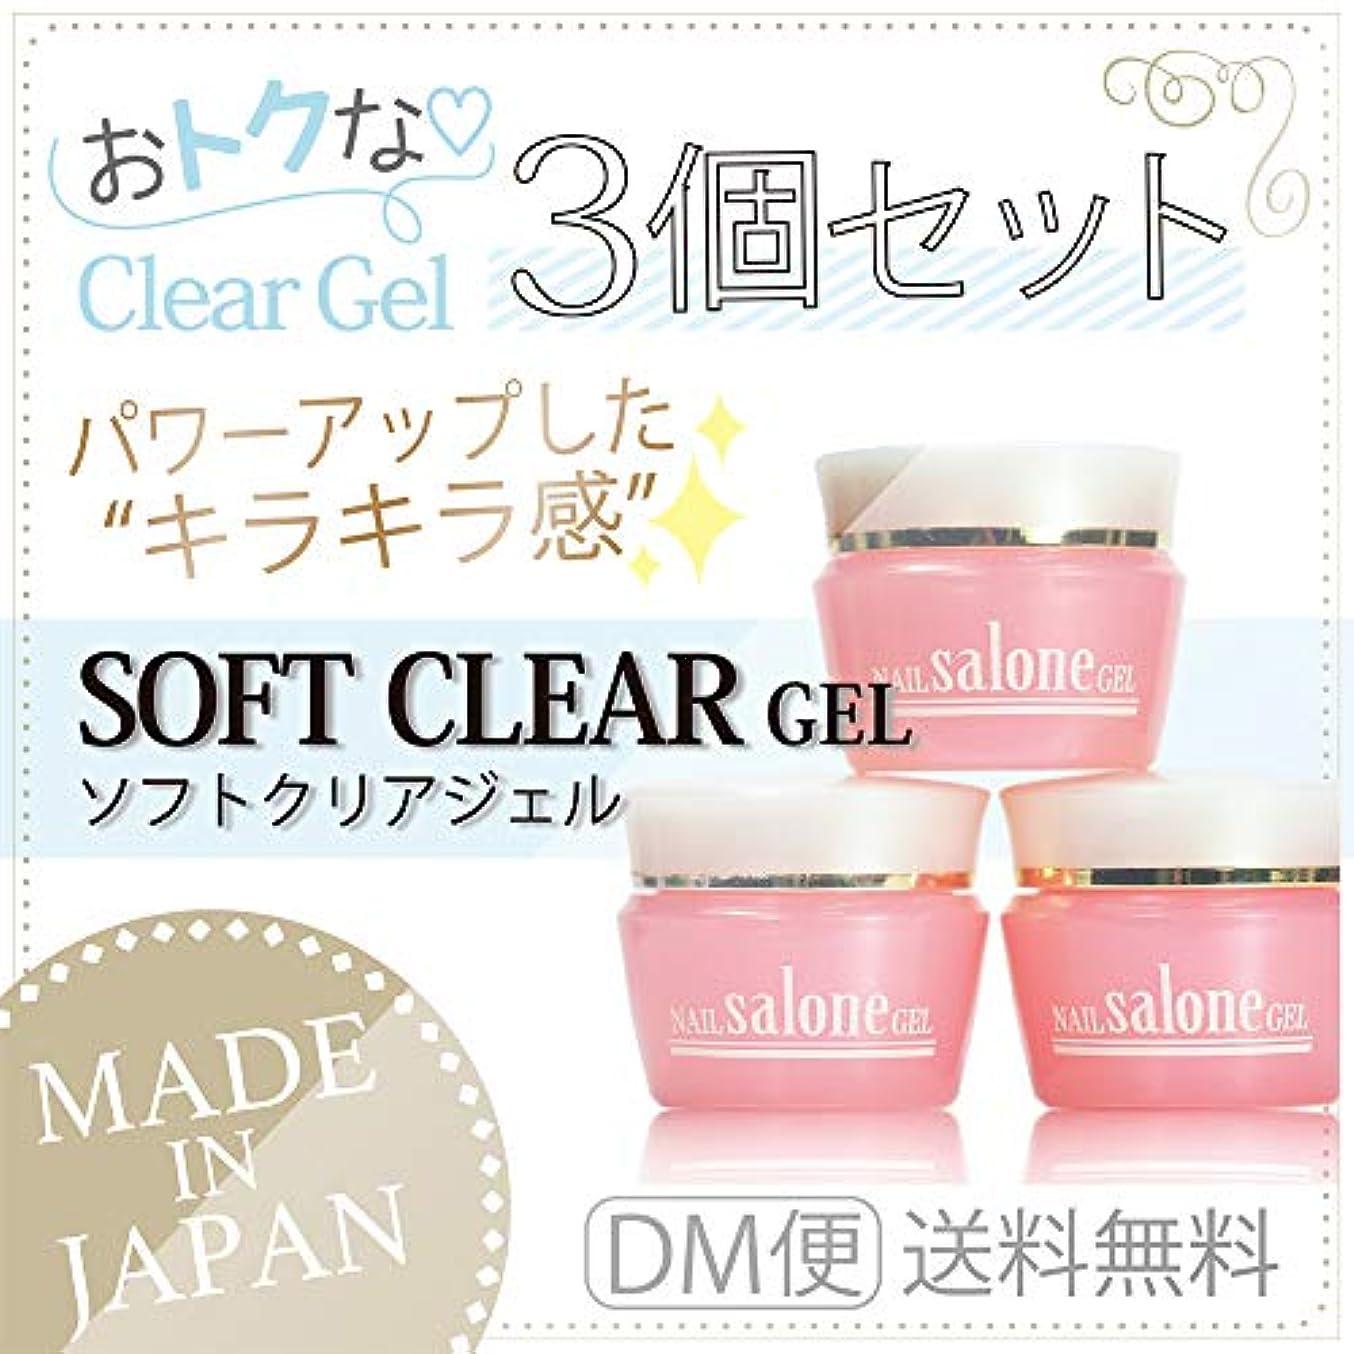 暴力的な重要な示すSalone gel サローネ ソフトクリアージェル お得な3個セット ツヤツヤ キラキラ感持続 抜群のツヤ 爪に優しい日本製 3g